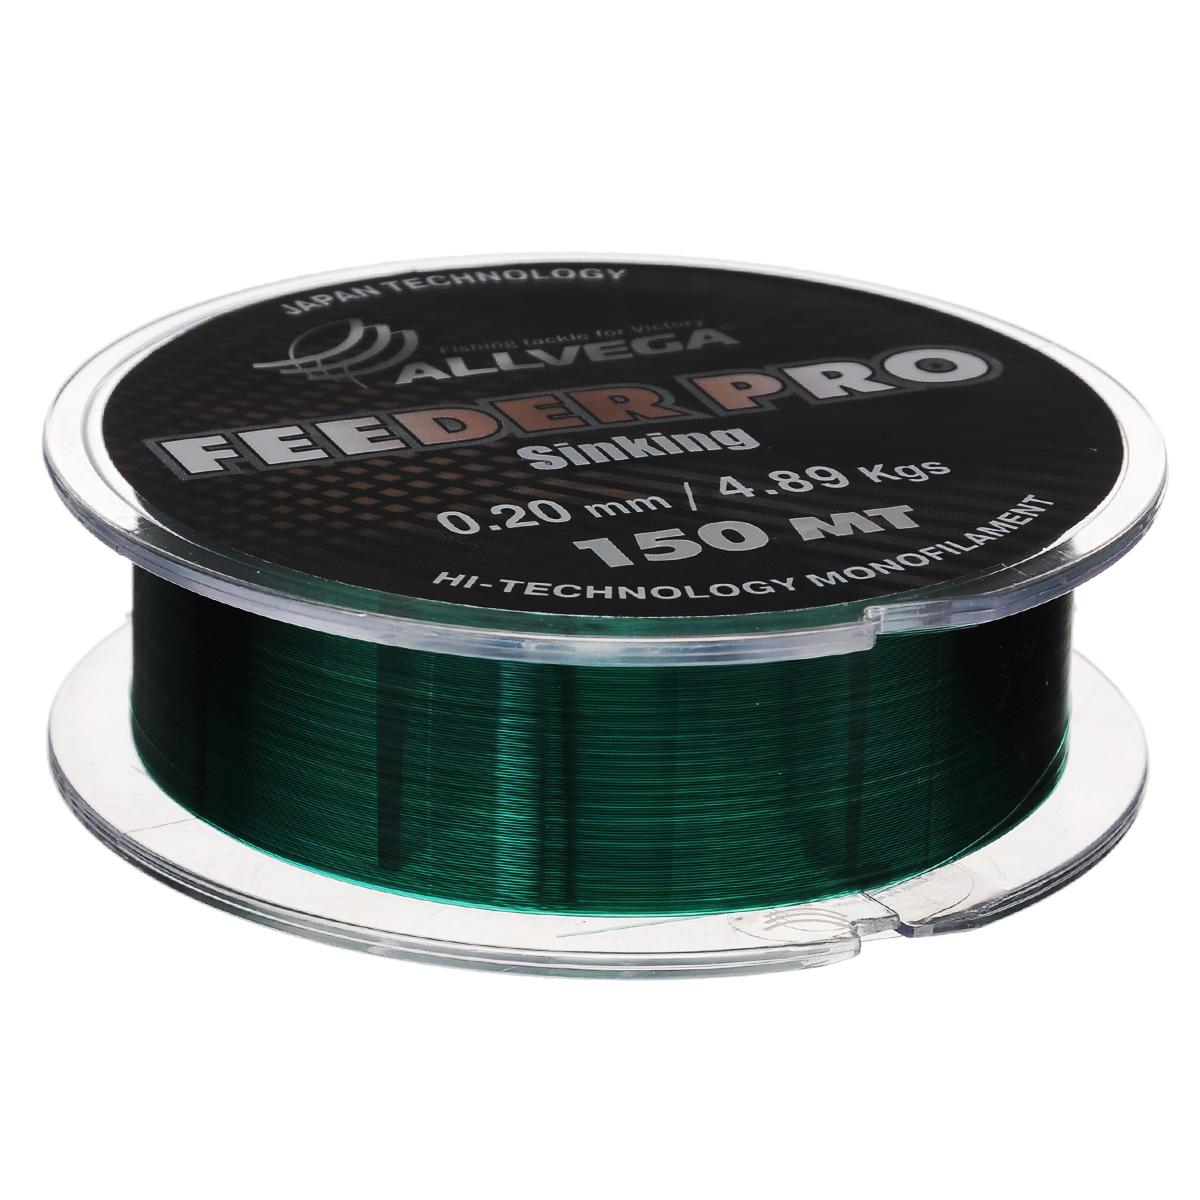 Леска Allvega Feeder Pro Sinking, цвет: темно-зеленый, 150 м, 0,2 мм, 4,89 кг39956Леска Allvega Feeder Pro Sinking предназначена для фидерной ловли. Обладает всеми необходимыми характеристиками для фидерной ловли. Это - повышенная стойкость к перетиранию о бровки, камни и ракушечник, отлично тонет, имеет малую растяжимость, окрашена в темно-зеленый цвет. Может с успехом использоваться в матчевой ловле и при ловле на зимнюю поплавочную удочку.